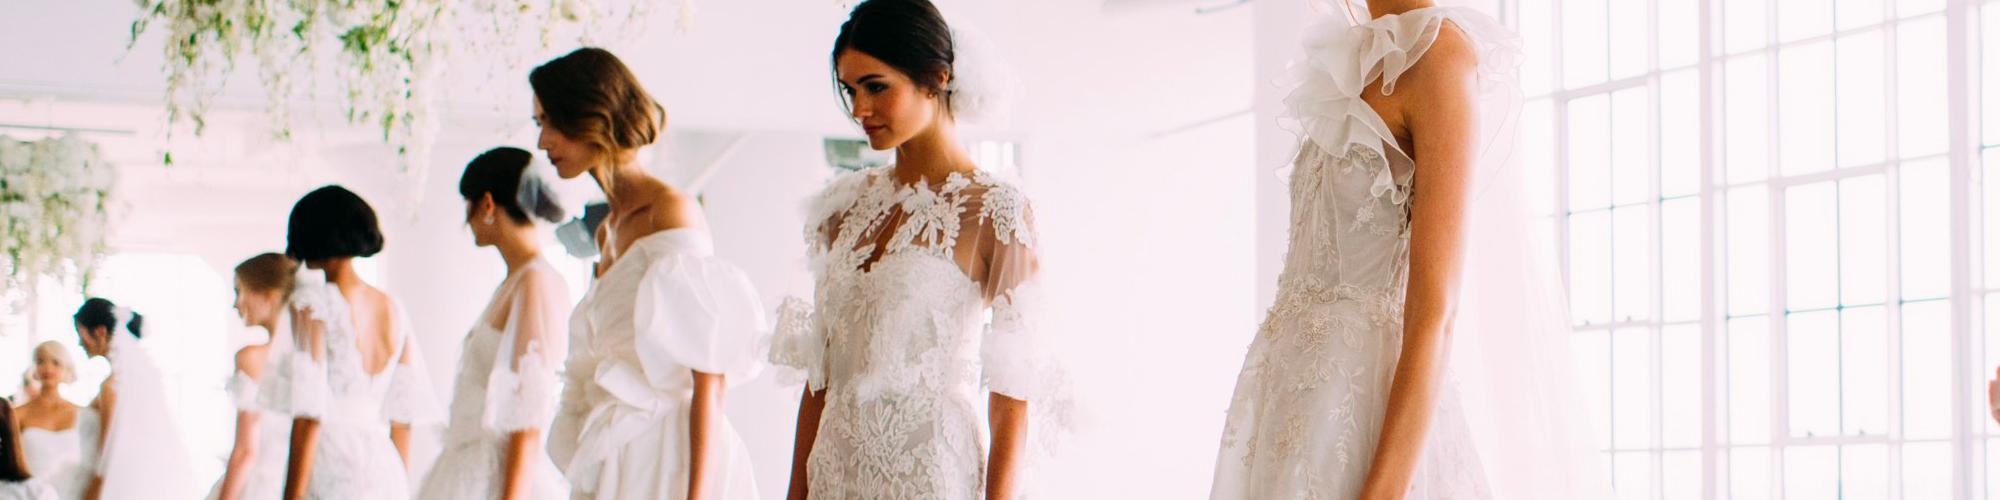 défilé de robes de mariées Miamastore 2019